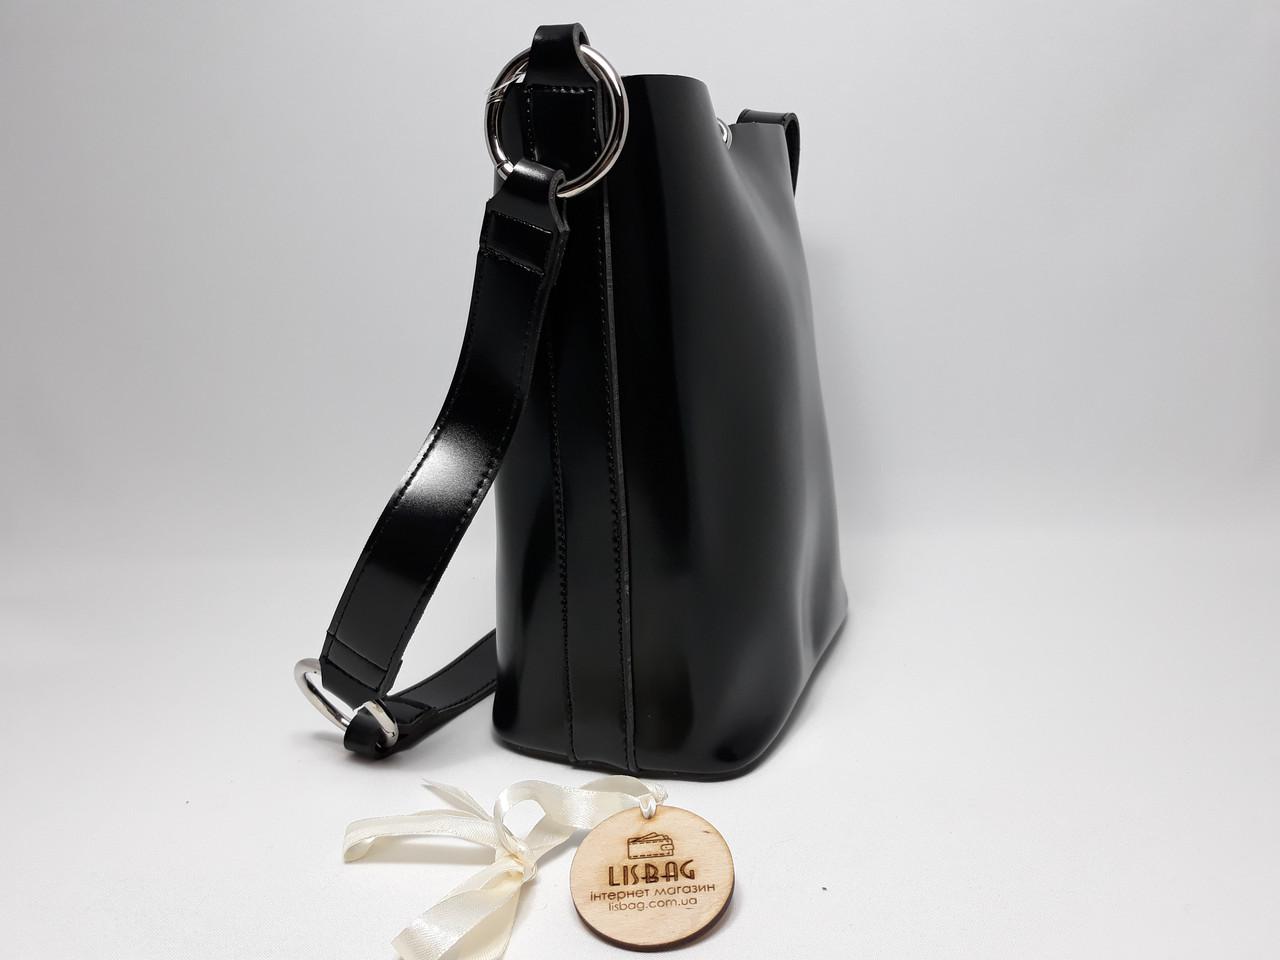 624ac23dfe84 ... Женская вместительная сумка мешок на плечо новинка, гладкая на ощупь  Черная, ...